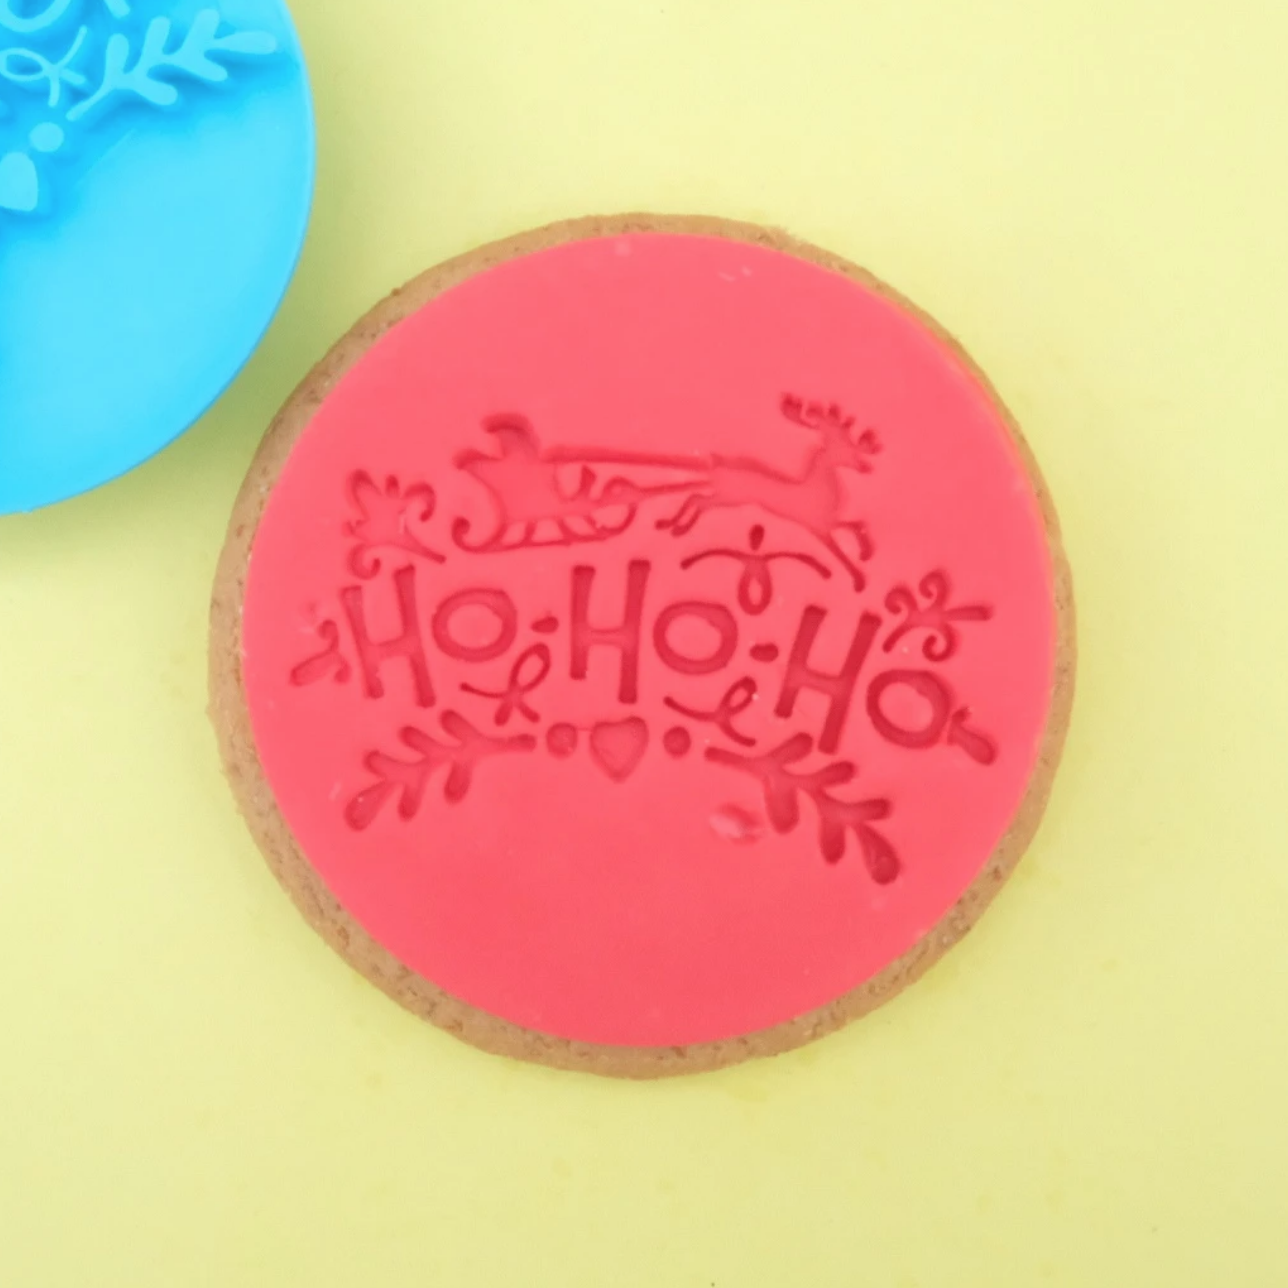 HO HO HO - COOKIE/CUPCAKE EMBOSSER